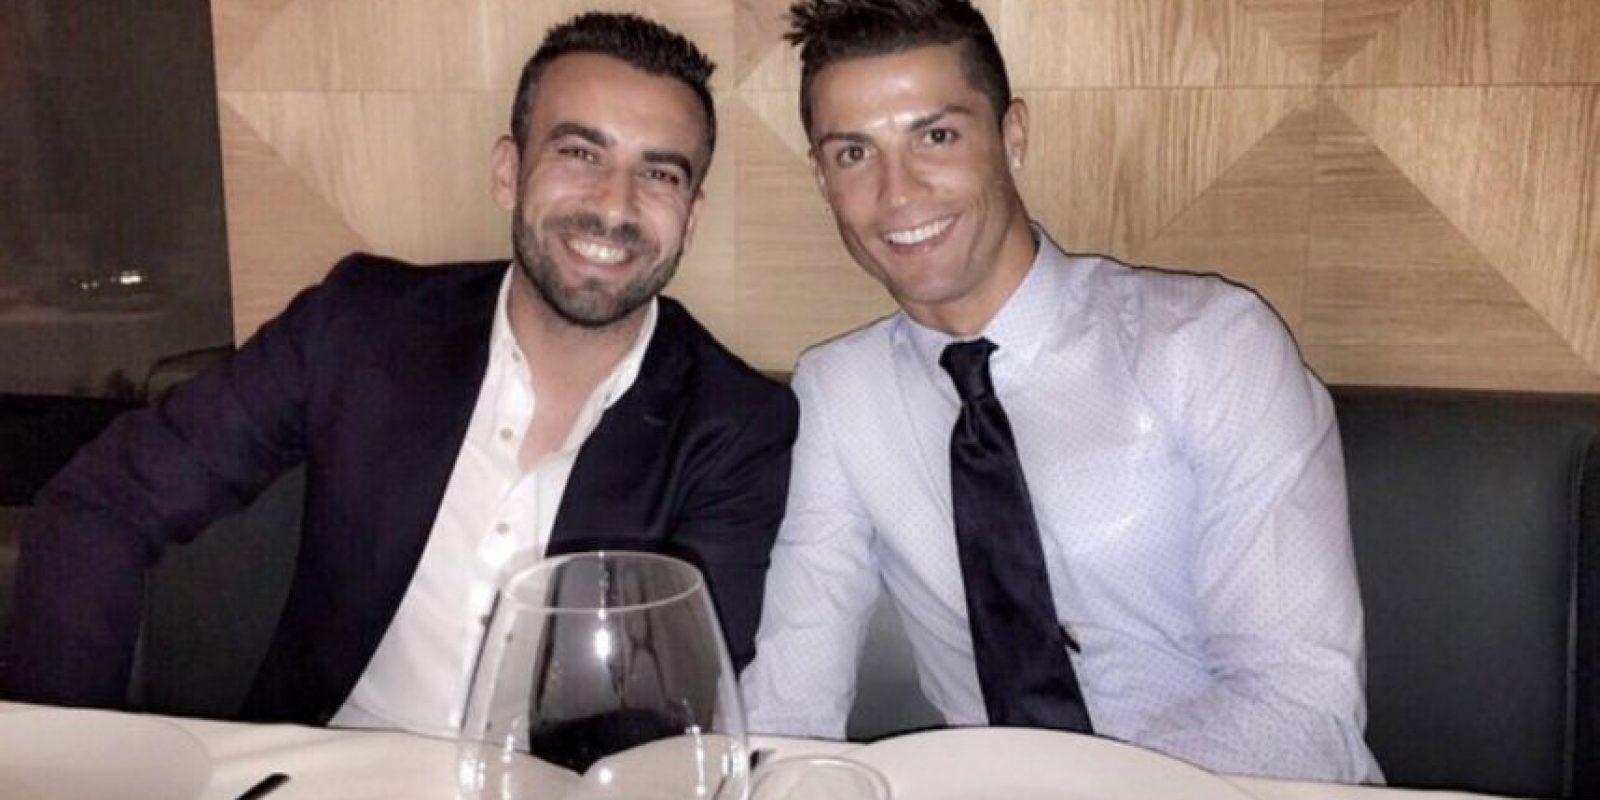 Es considerado un elemento más de su familia y además, fue uno de los principales apoyos del portugués cuando este rompió con Irina Shayk. Foto:Vía instagram.com/cristiano